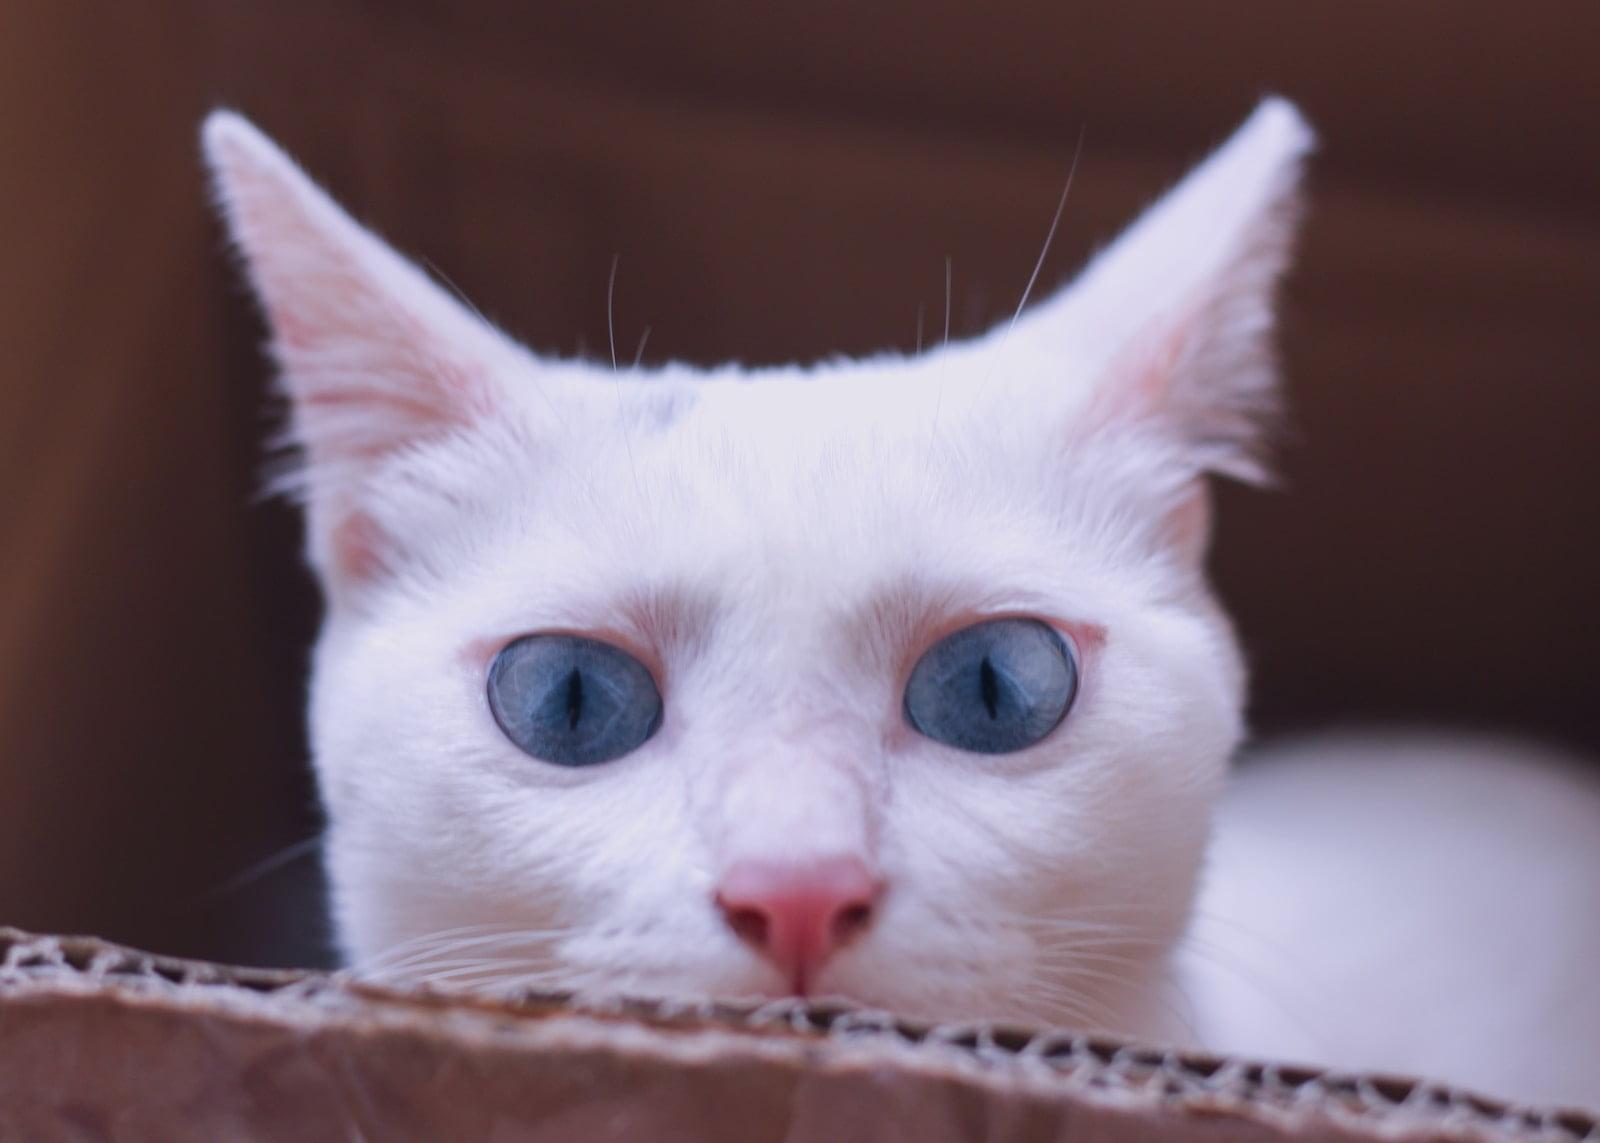 Ojo nublado en los gatos - Cataratas en los gatos o algo más